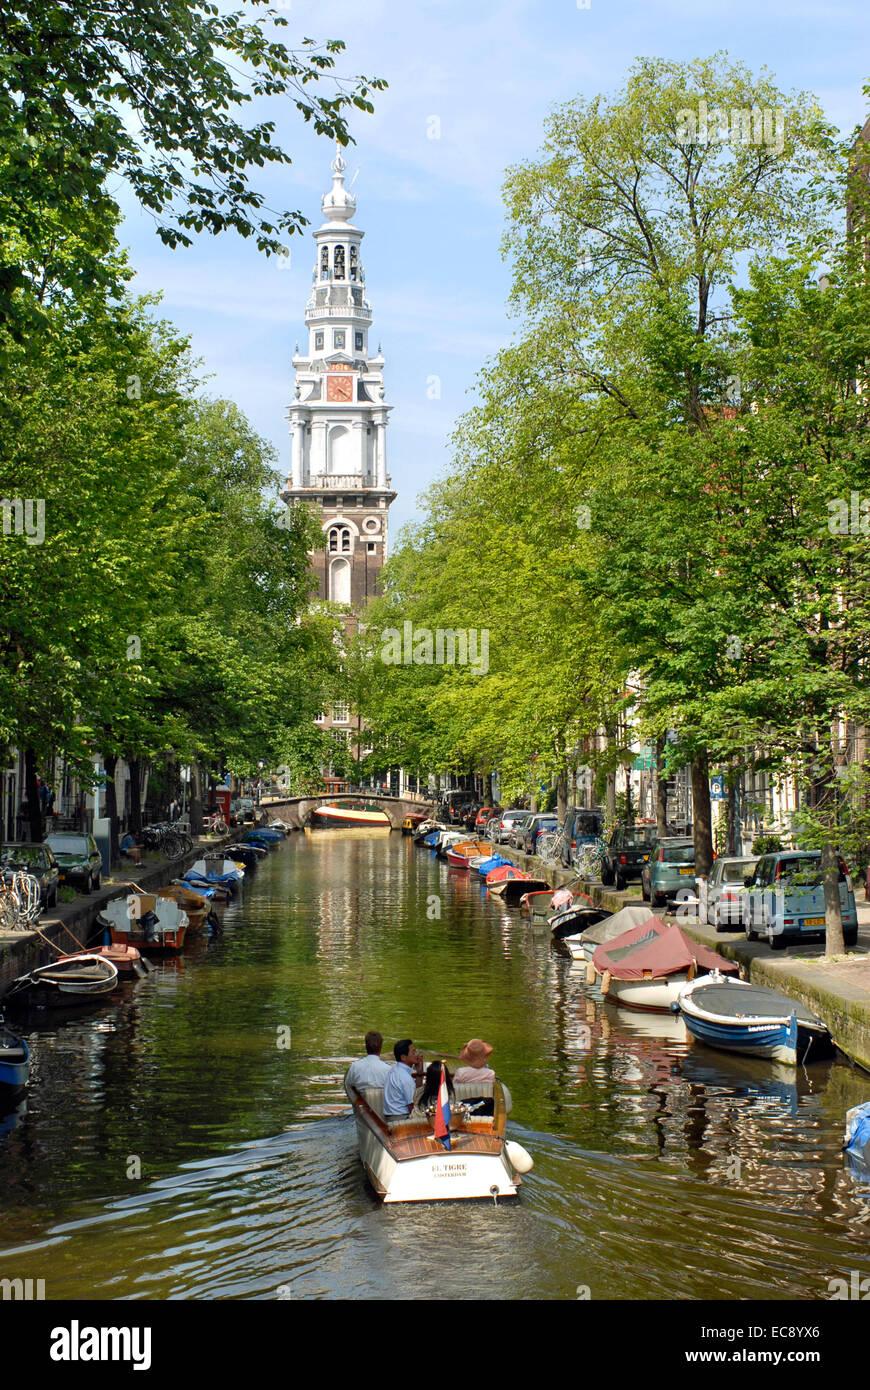 Petite embarcation à moteur au volant dans un canal d'eau dans le centre-ville d'Amsterdam, Pays-Bas avec l'Oude Kerk en arrière-plan. Banque D'Images